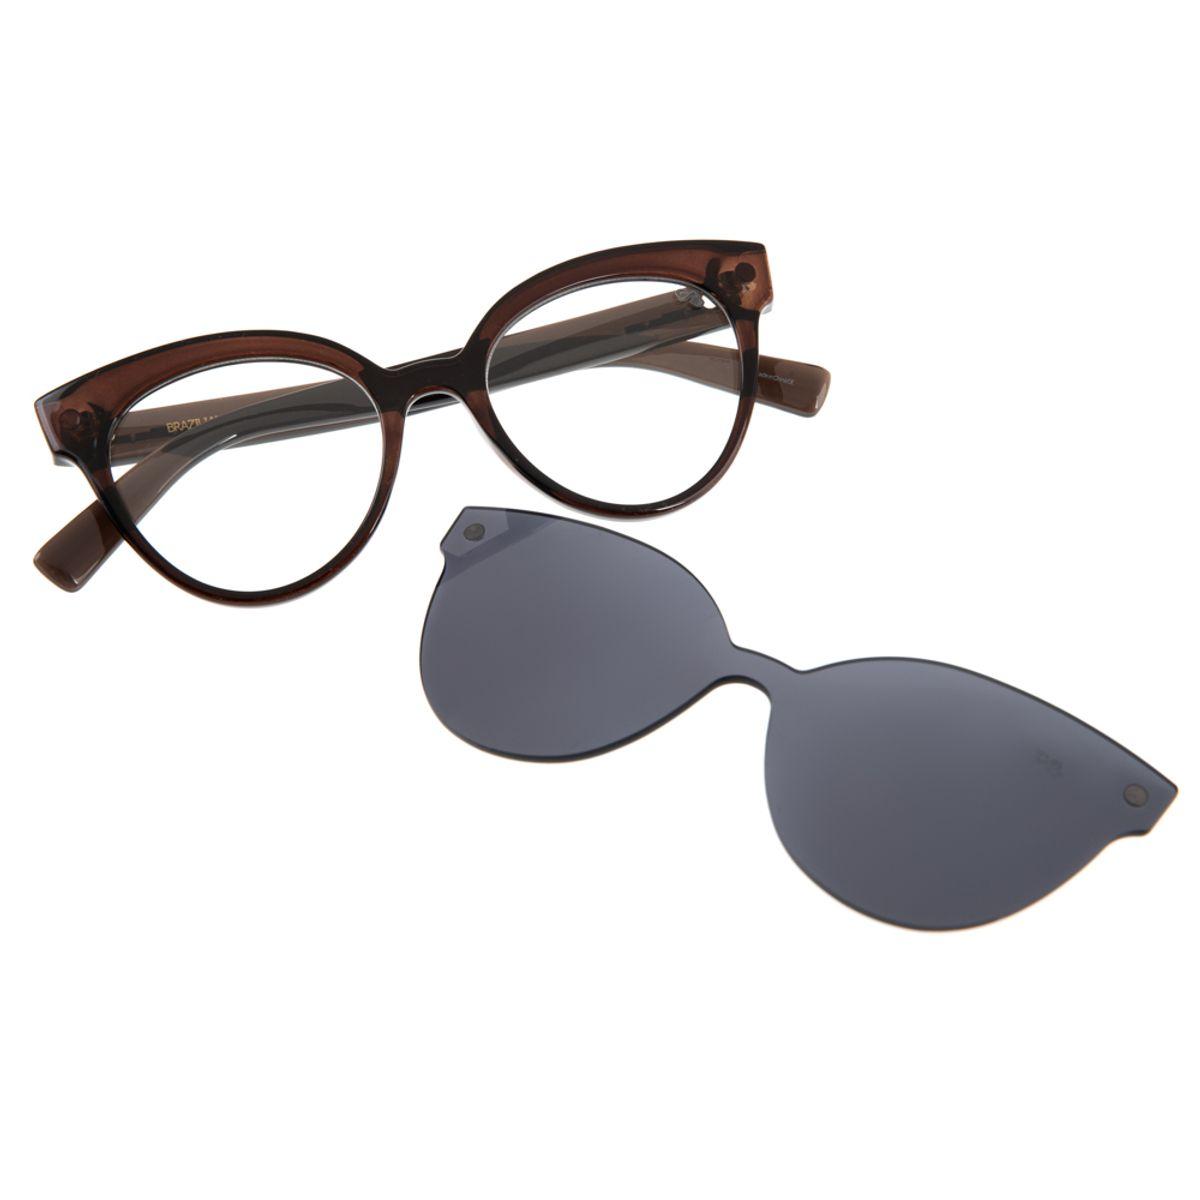 3d0a49664 Armação para Óculos de Grau Chilli Beans Feminino Multi Clip On Gatinho  Marrom - LV.MU.0101.0402 M. REF: LV.MU.0101.0402. Previous